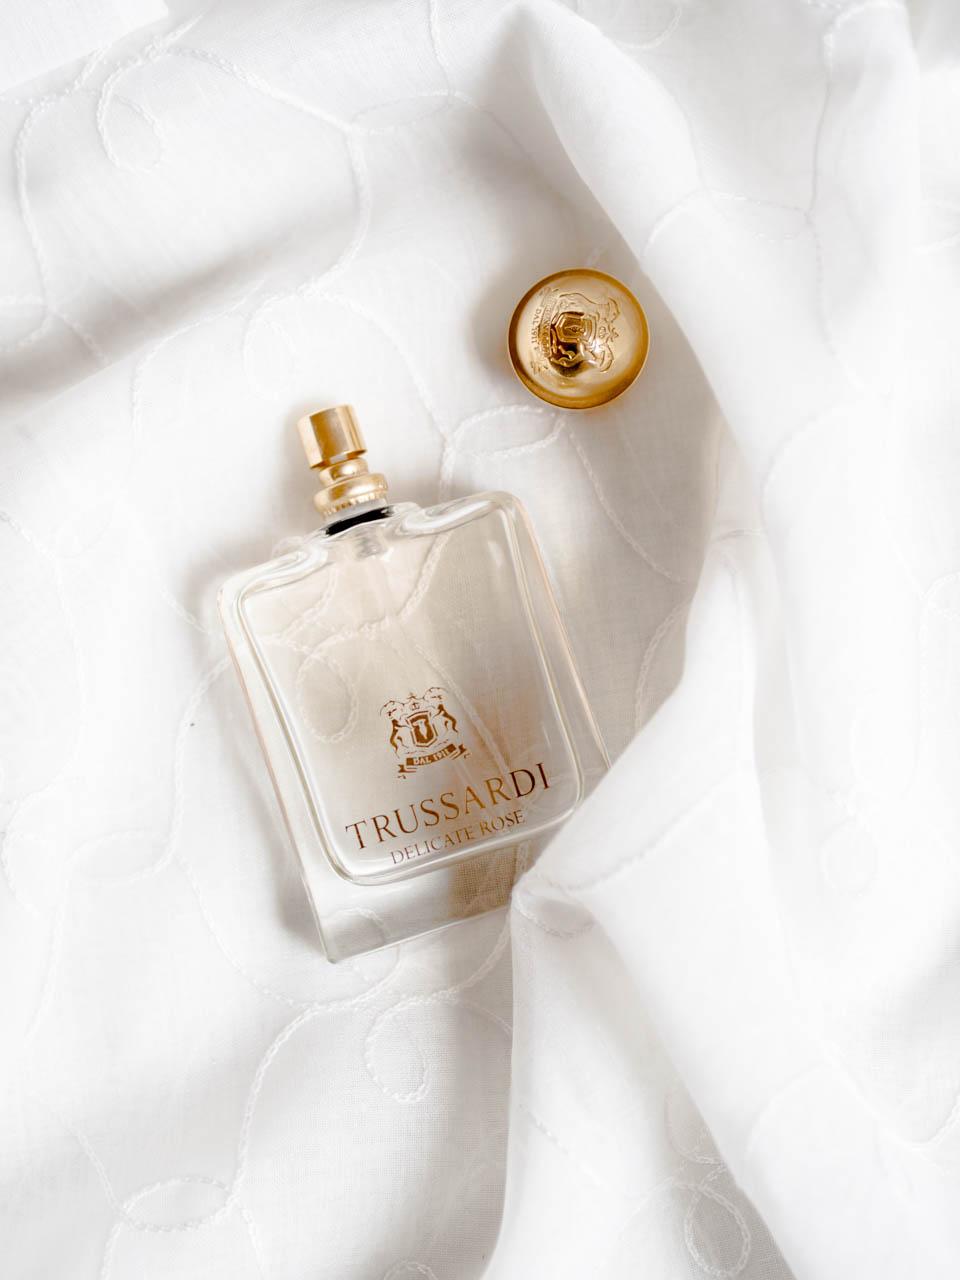 trussardi-delicate-rose-perfume